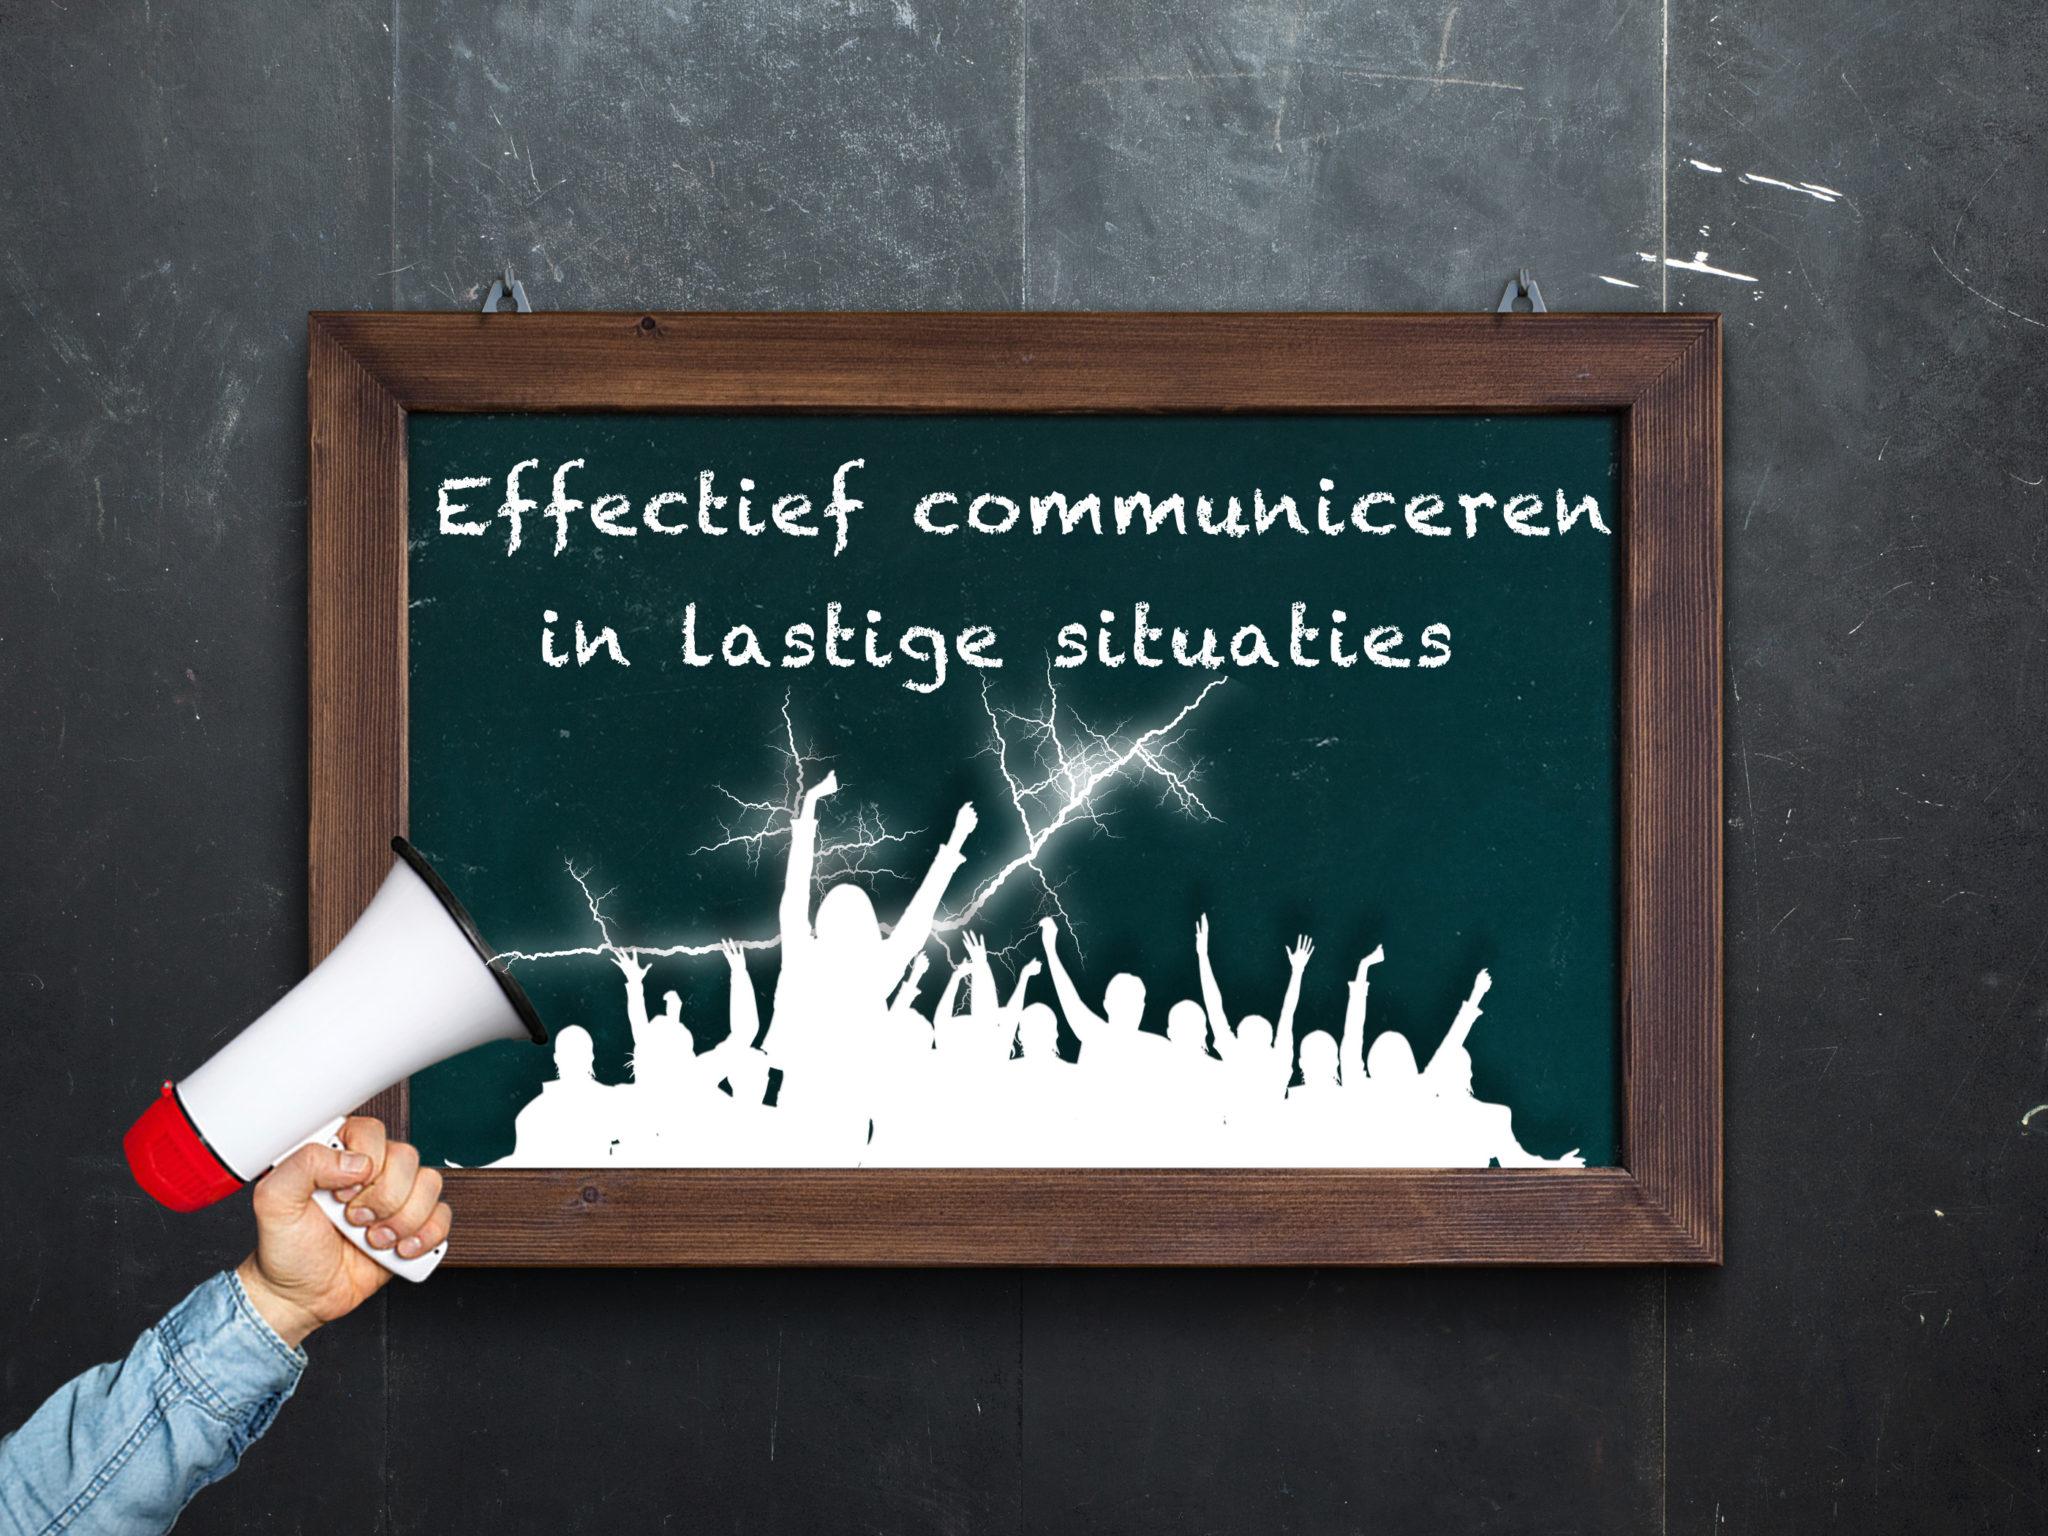 Effectief communiceren in lastige situaties